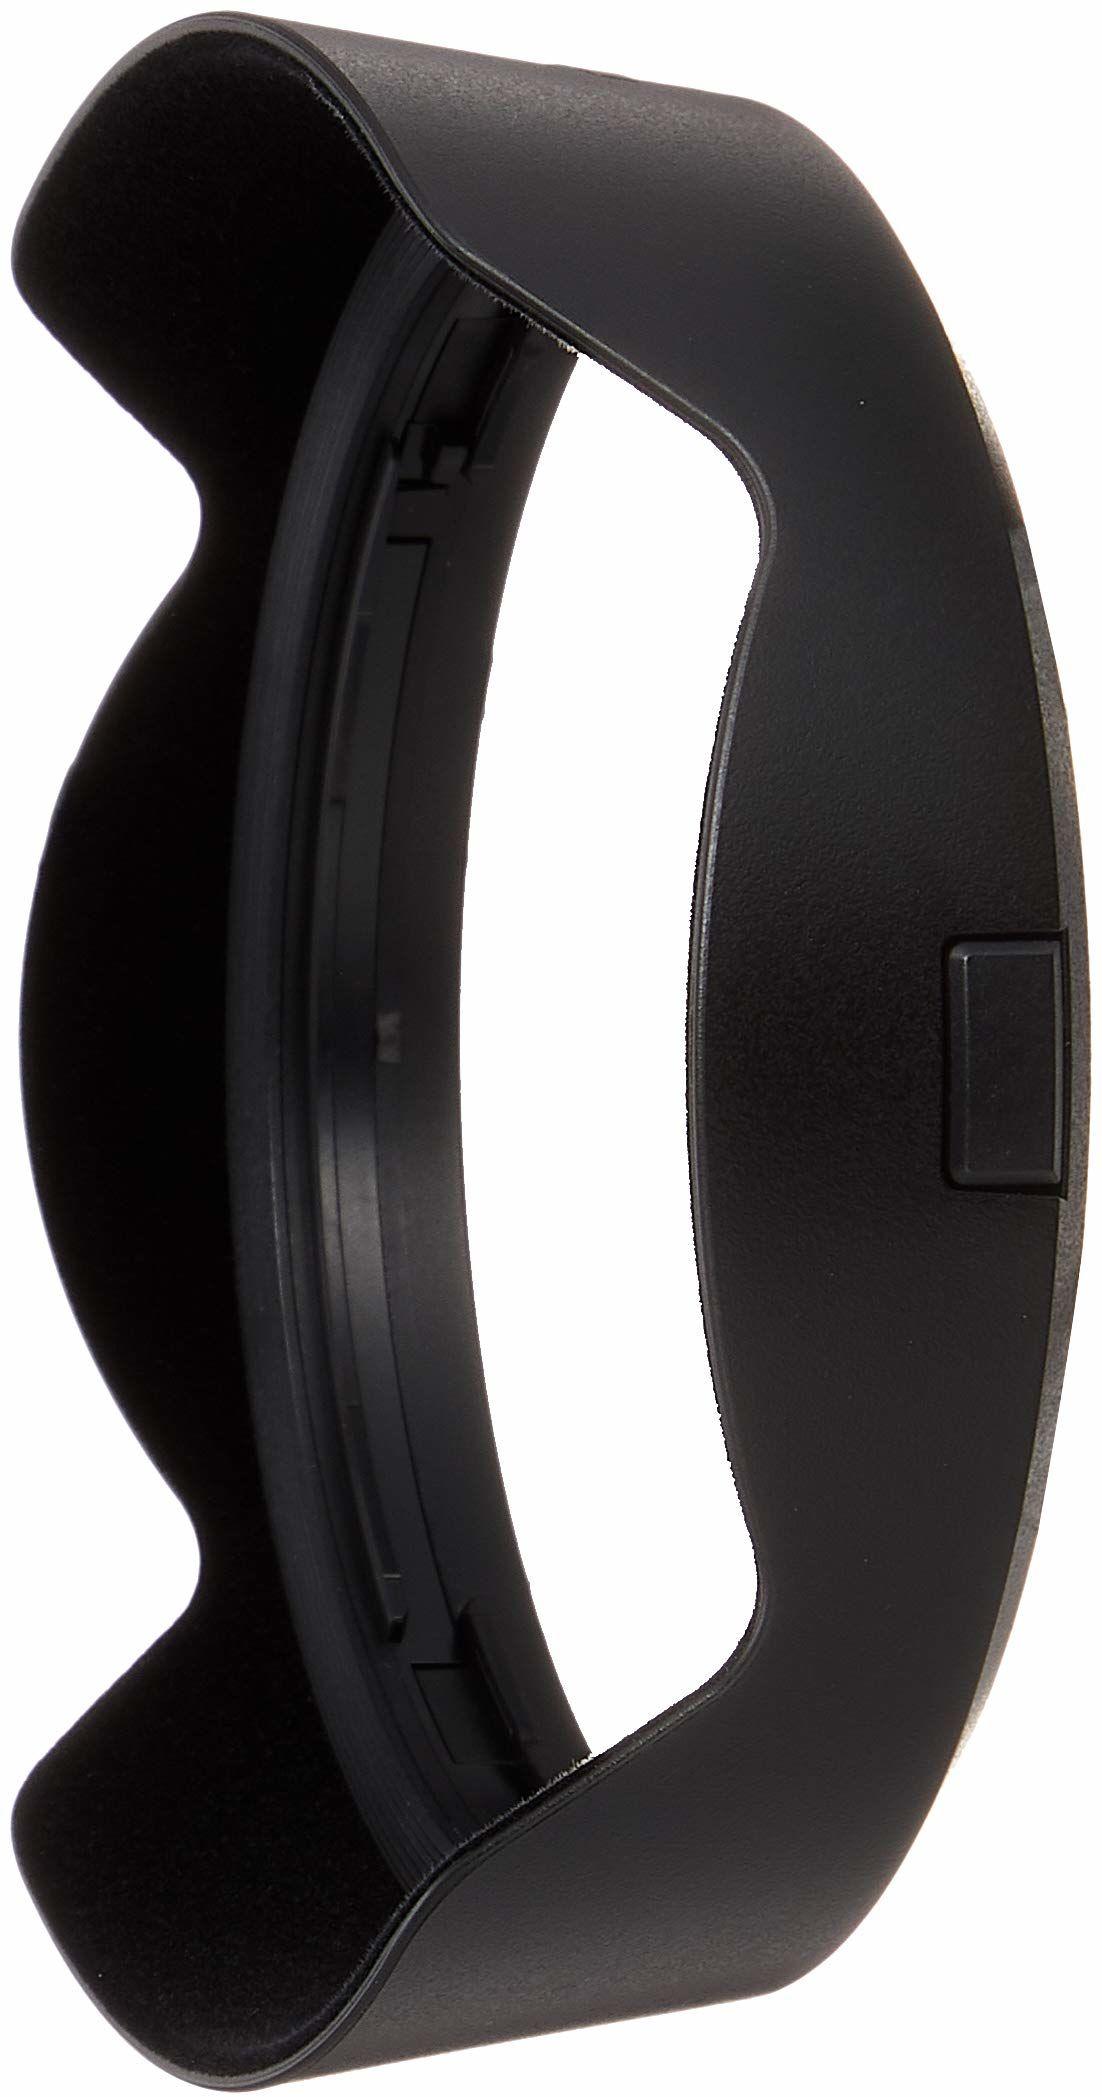 Sony ALC-SH149 osłona przeciwsłoneczna do SEL1635GM